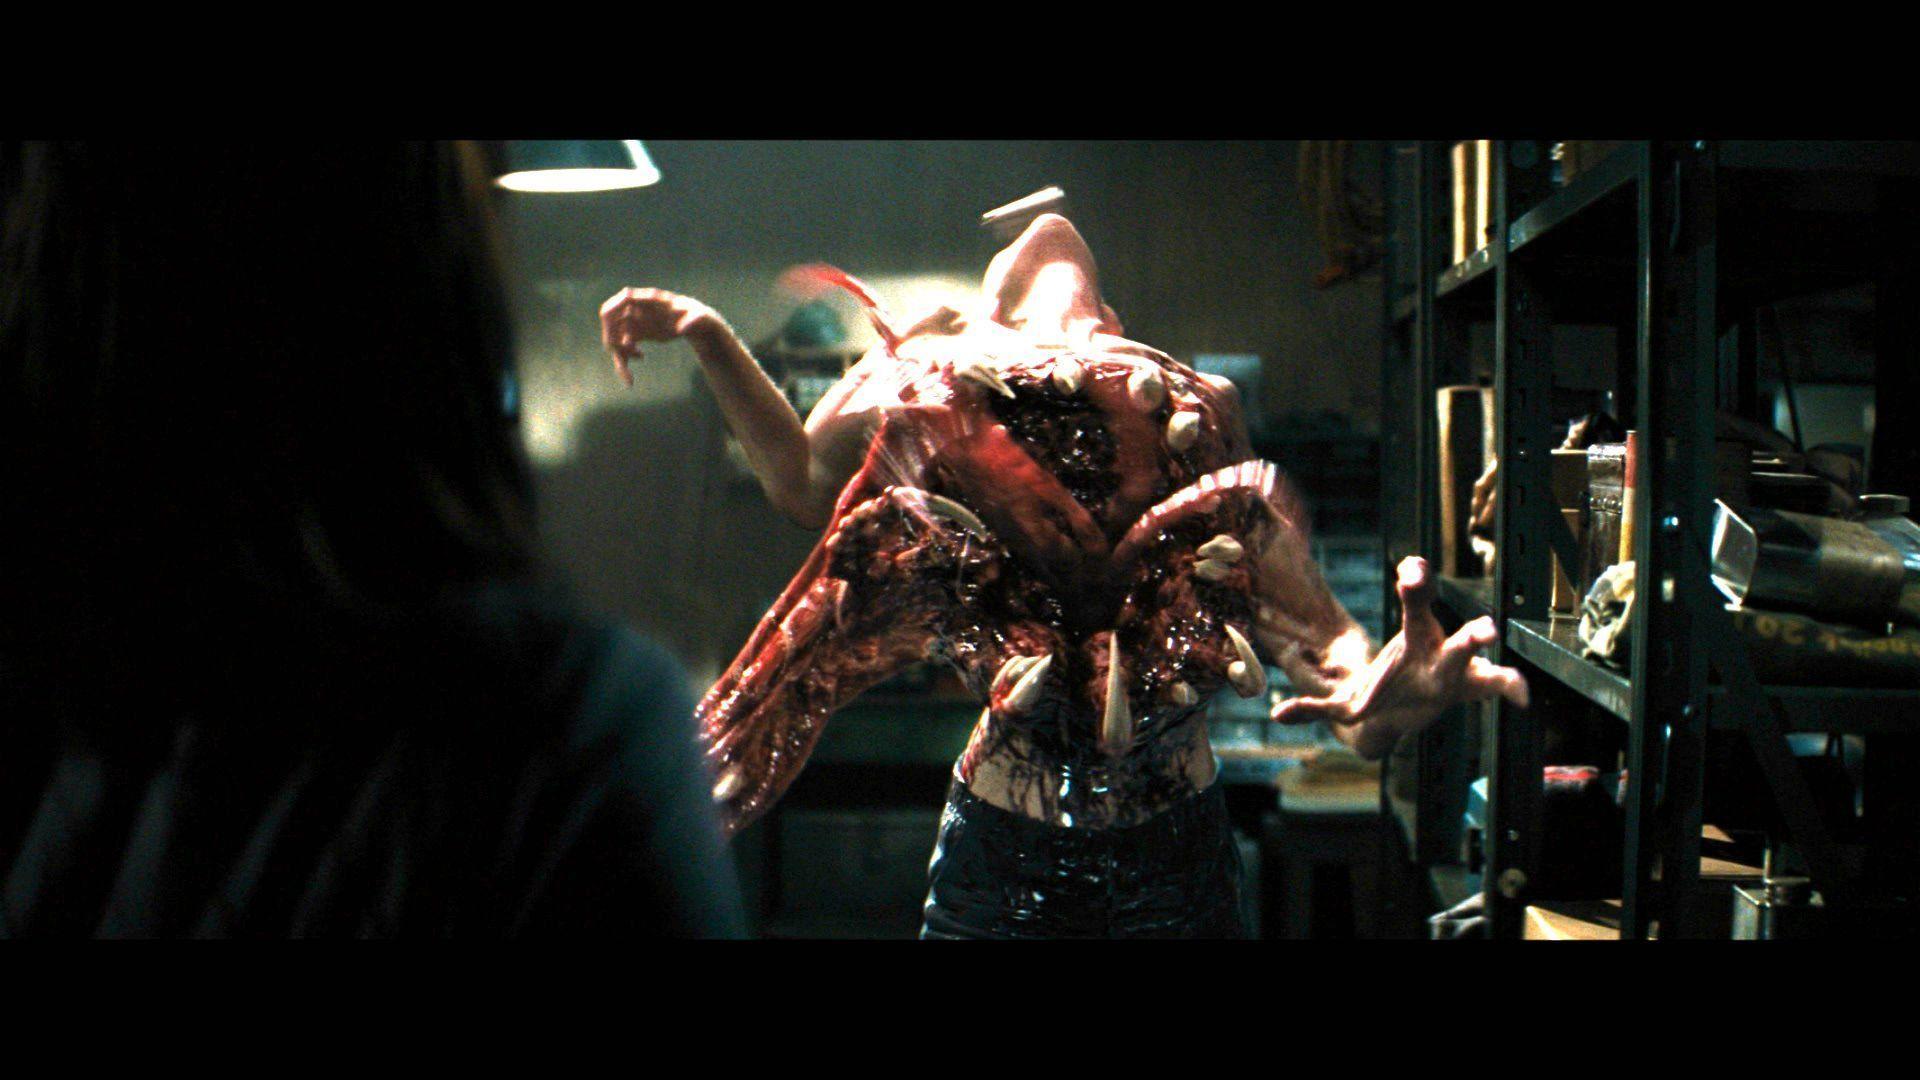 THE THING horror mystery thriller sci-fi dark monster alien g ...